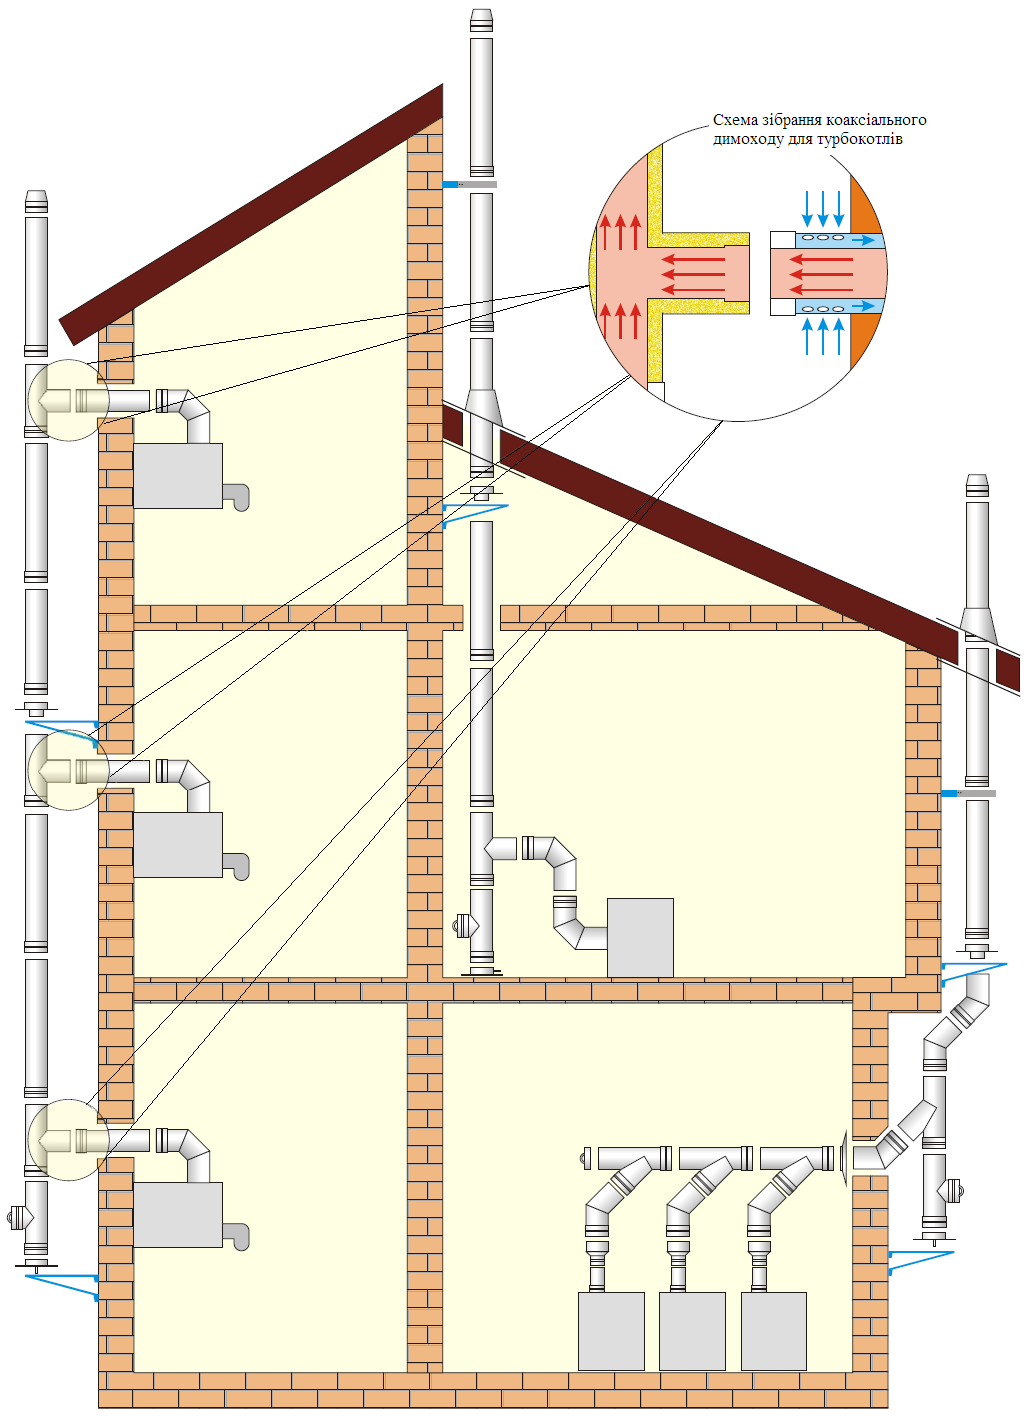 схема коаксіального димоходу для турбокотлів